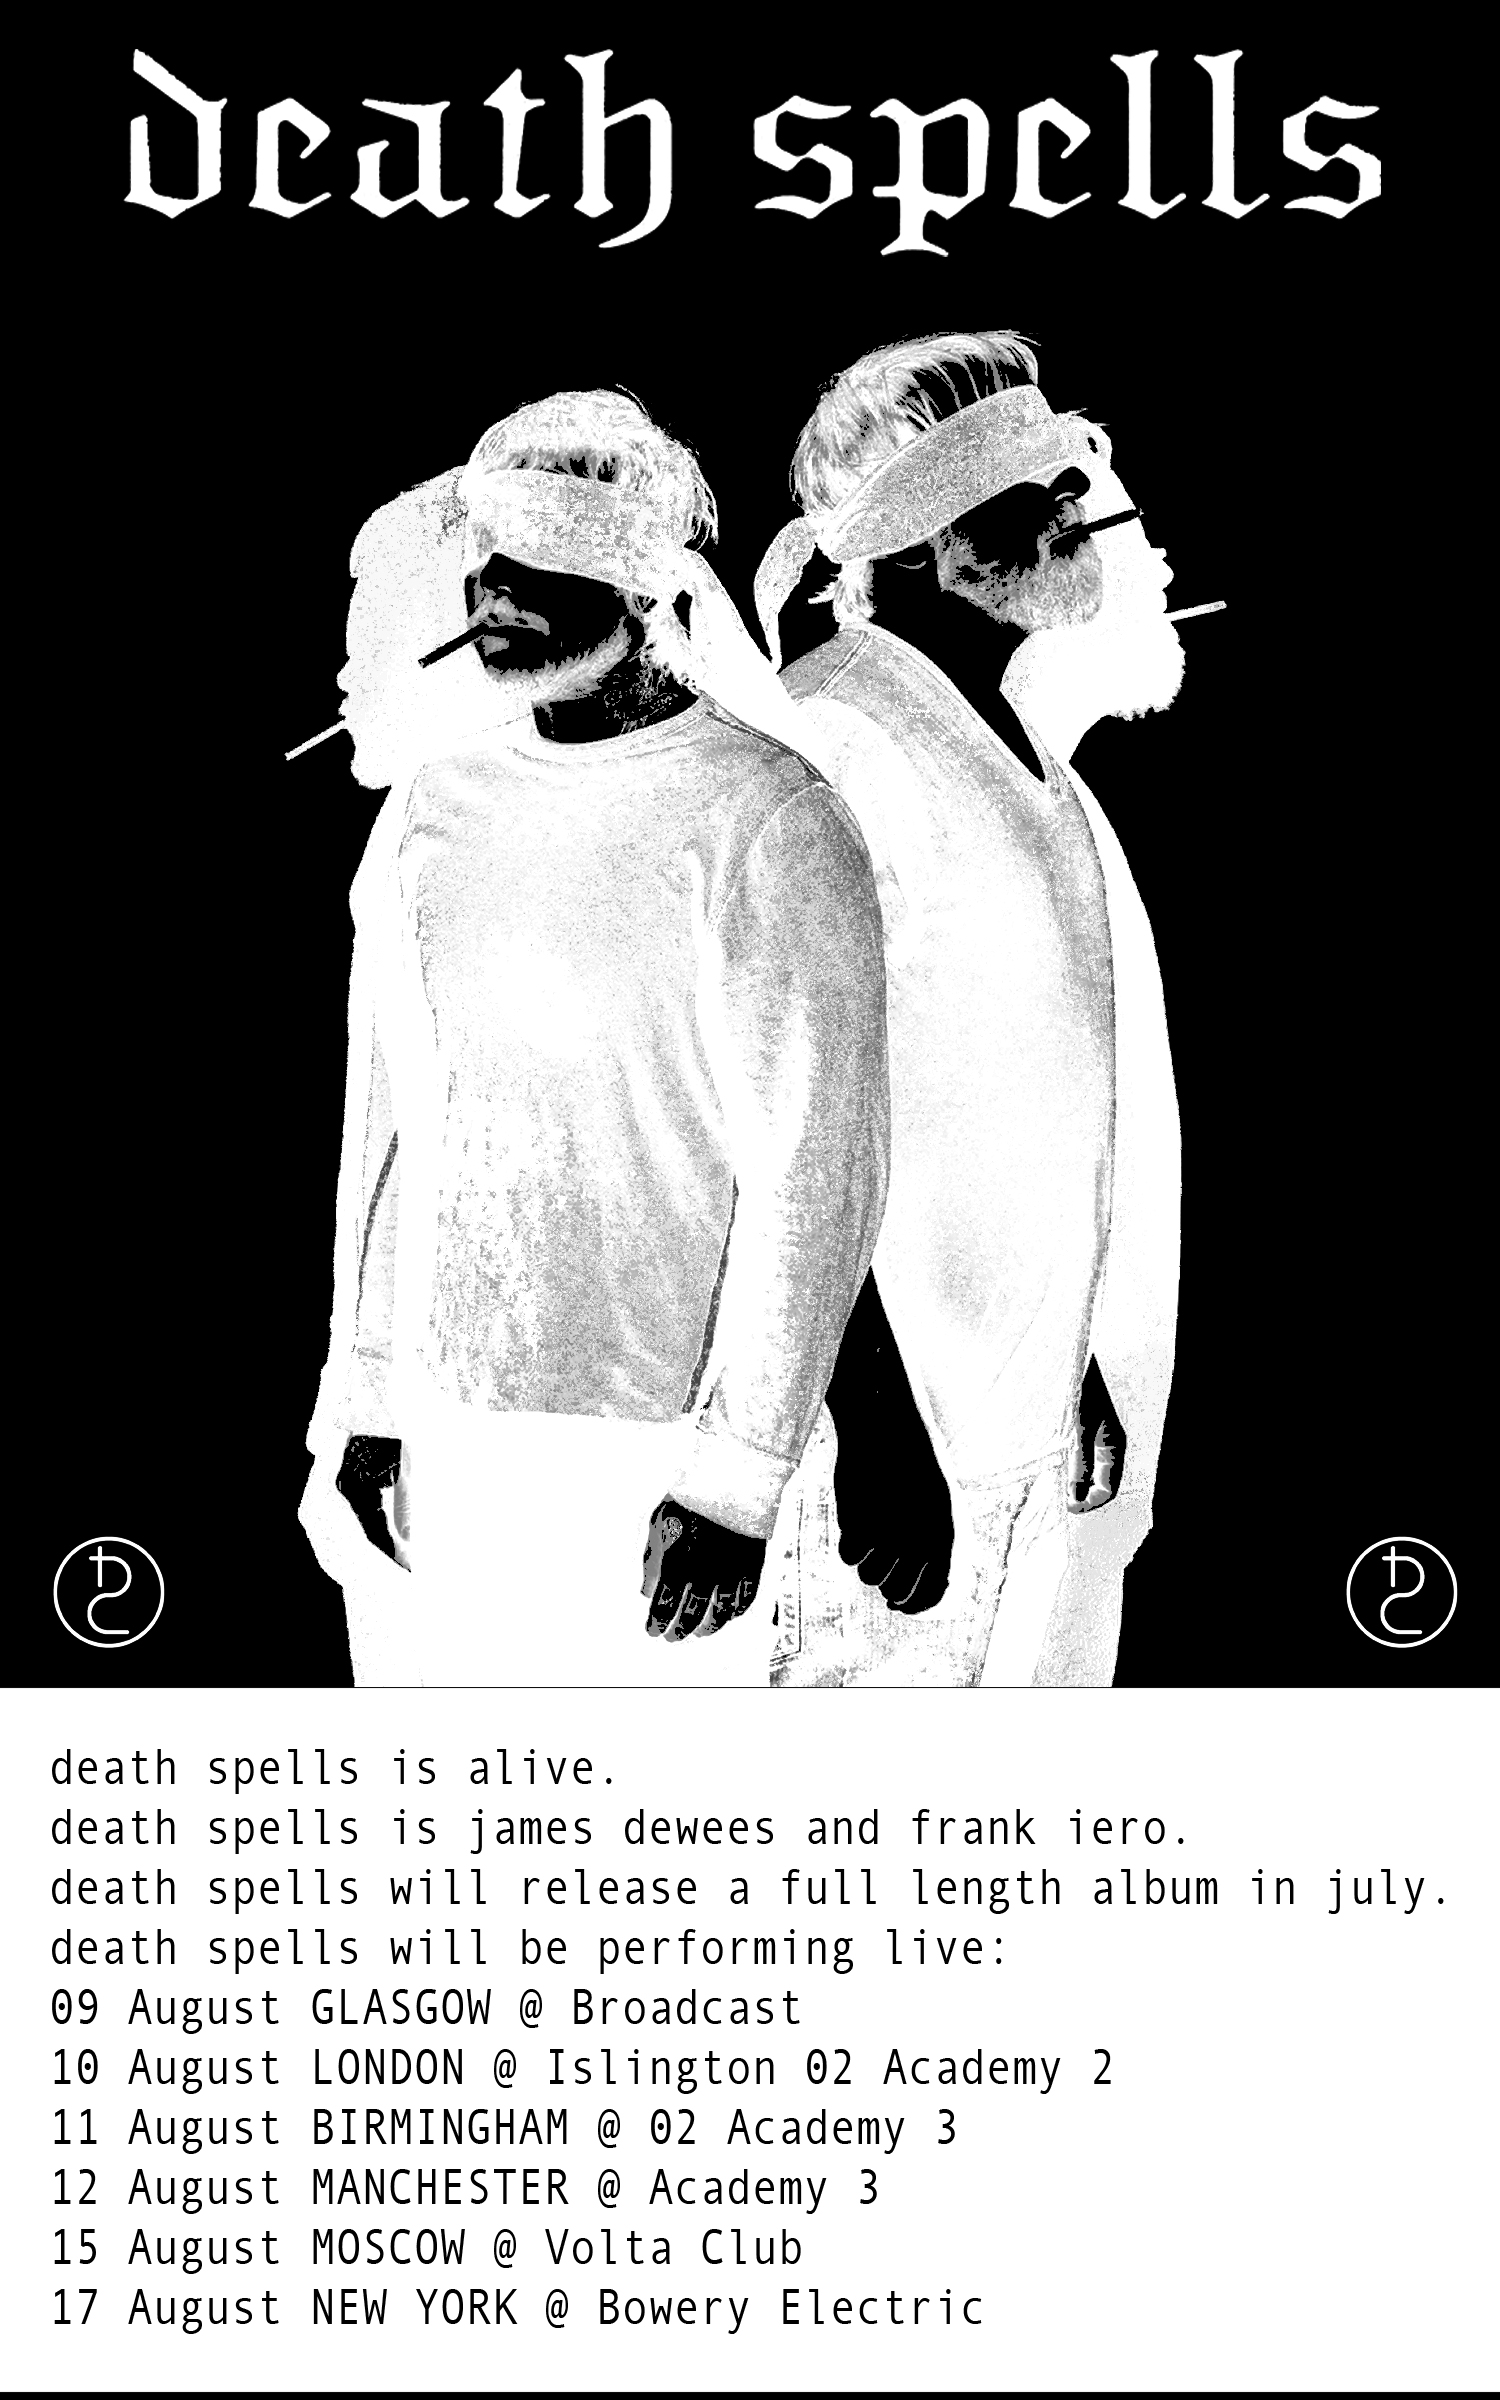 death spells